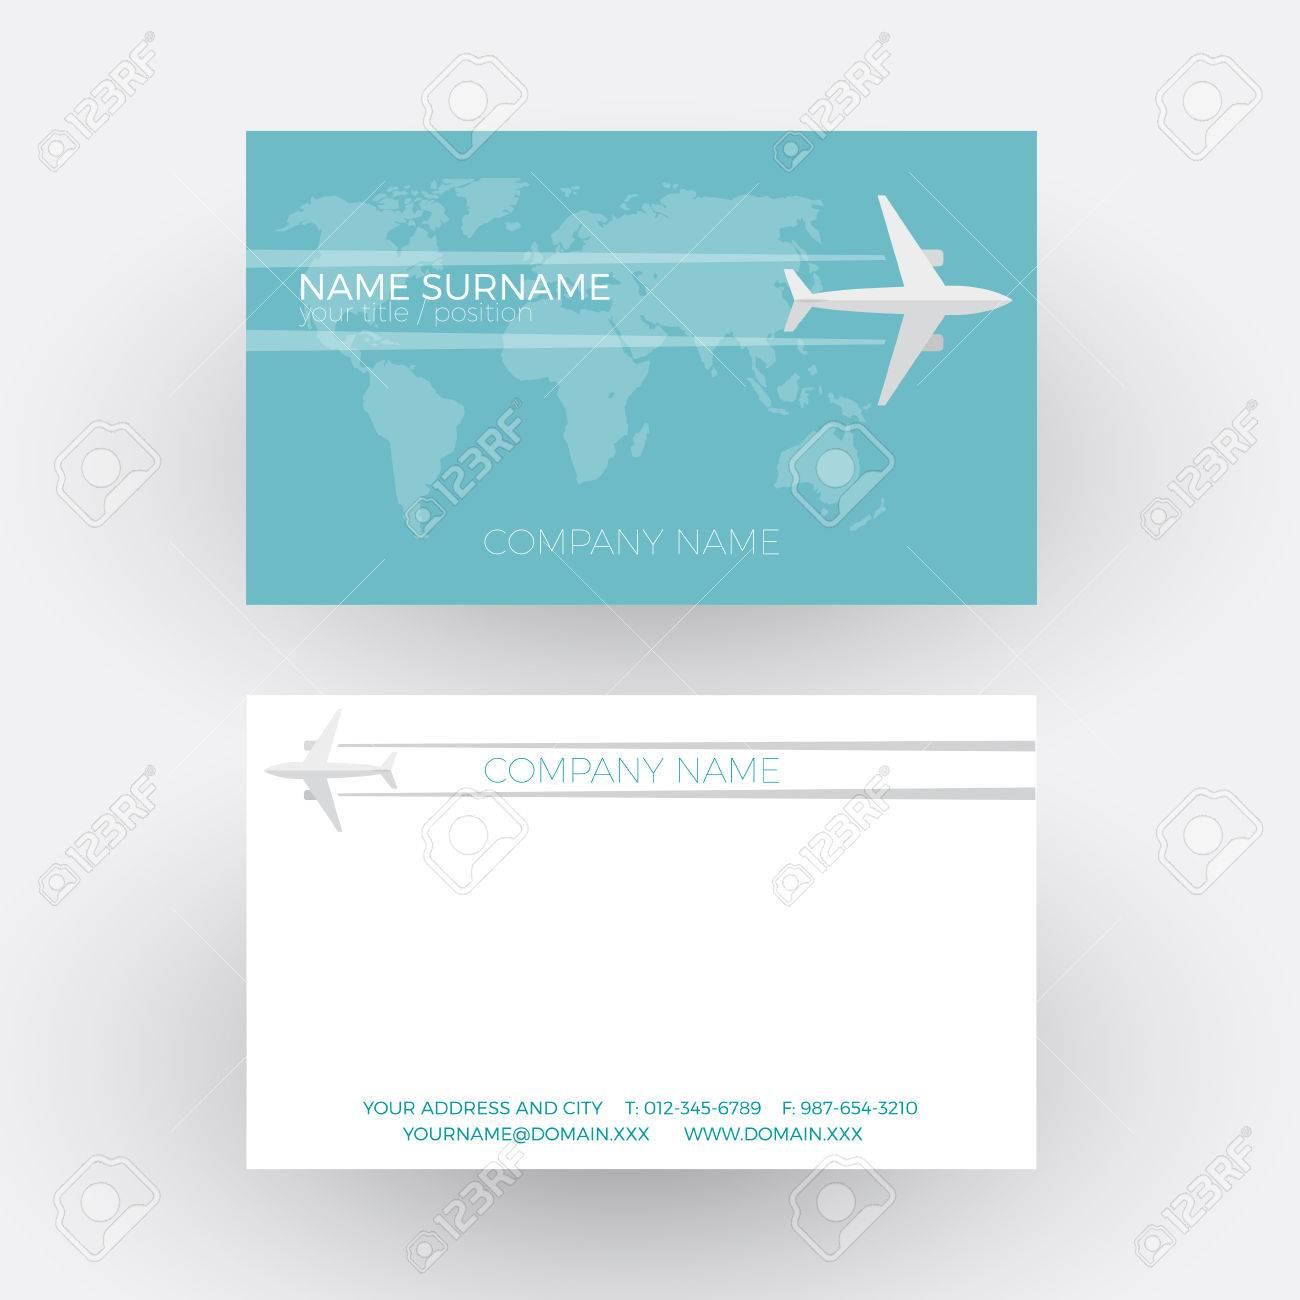 Fond De Vecteur Voyage Aerien Avion Voler Sur Le Monde Carte